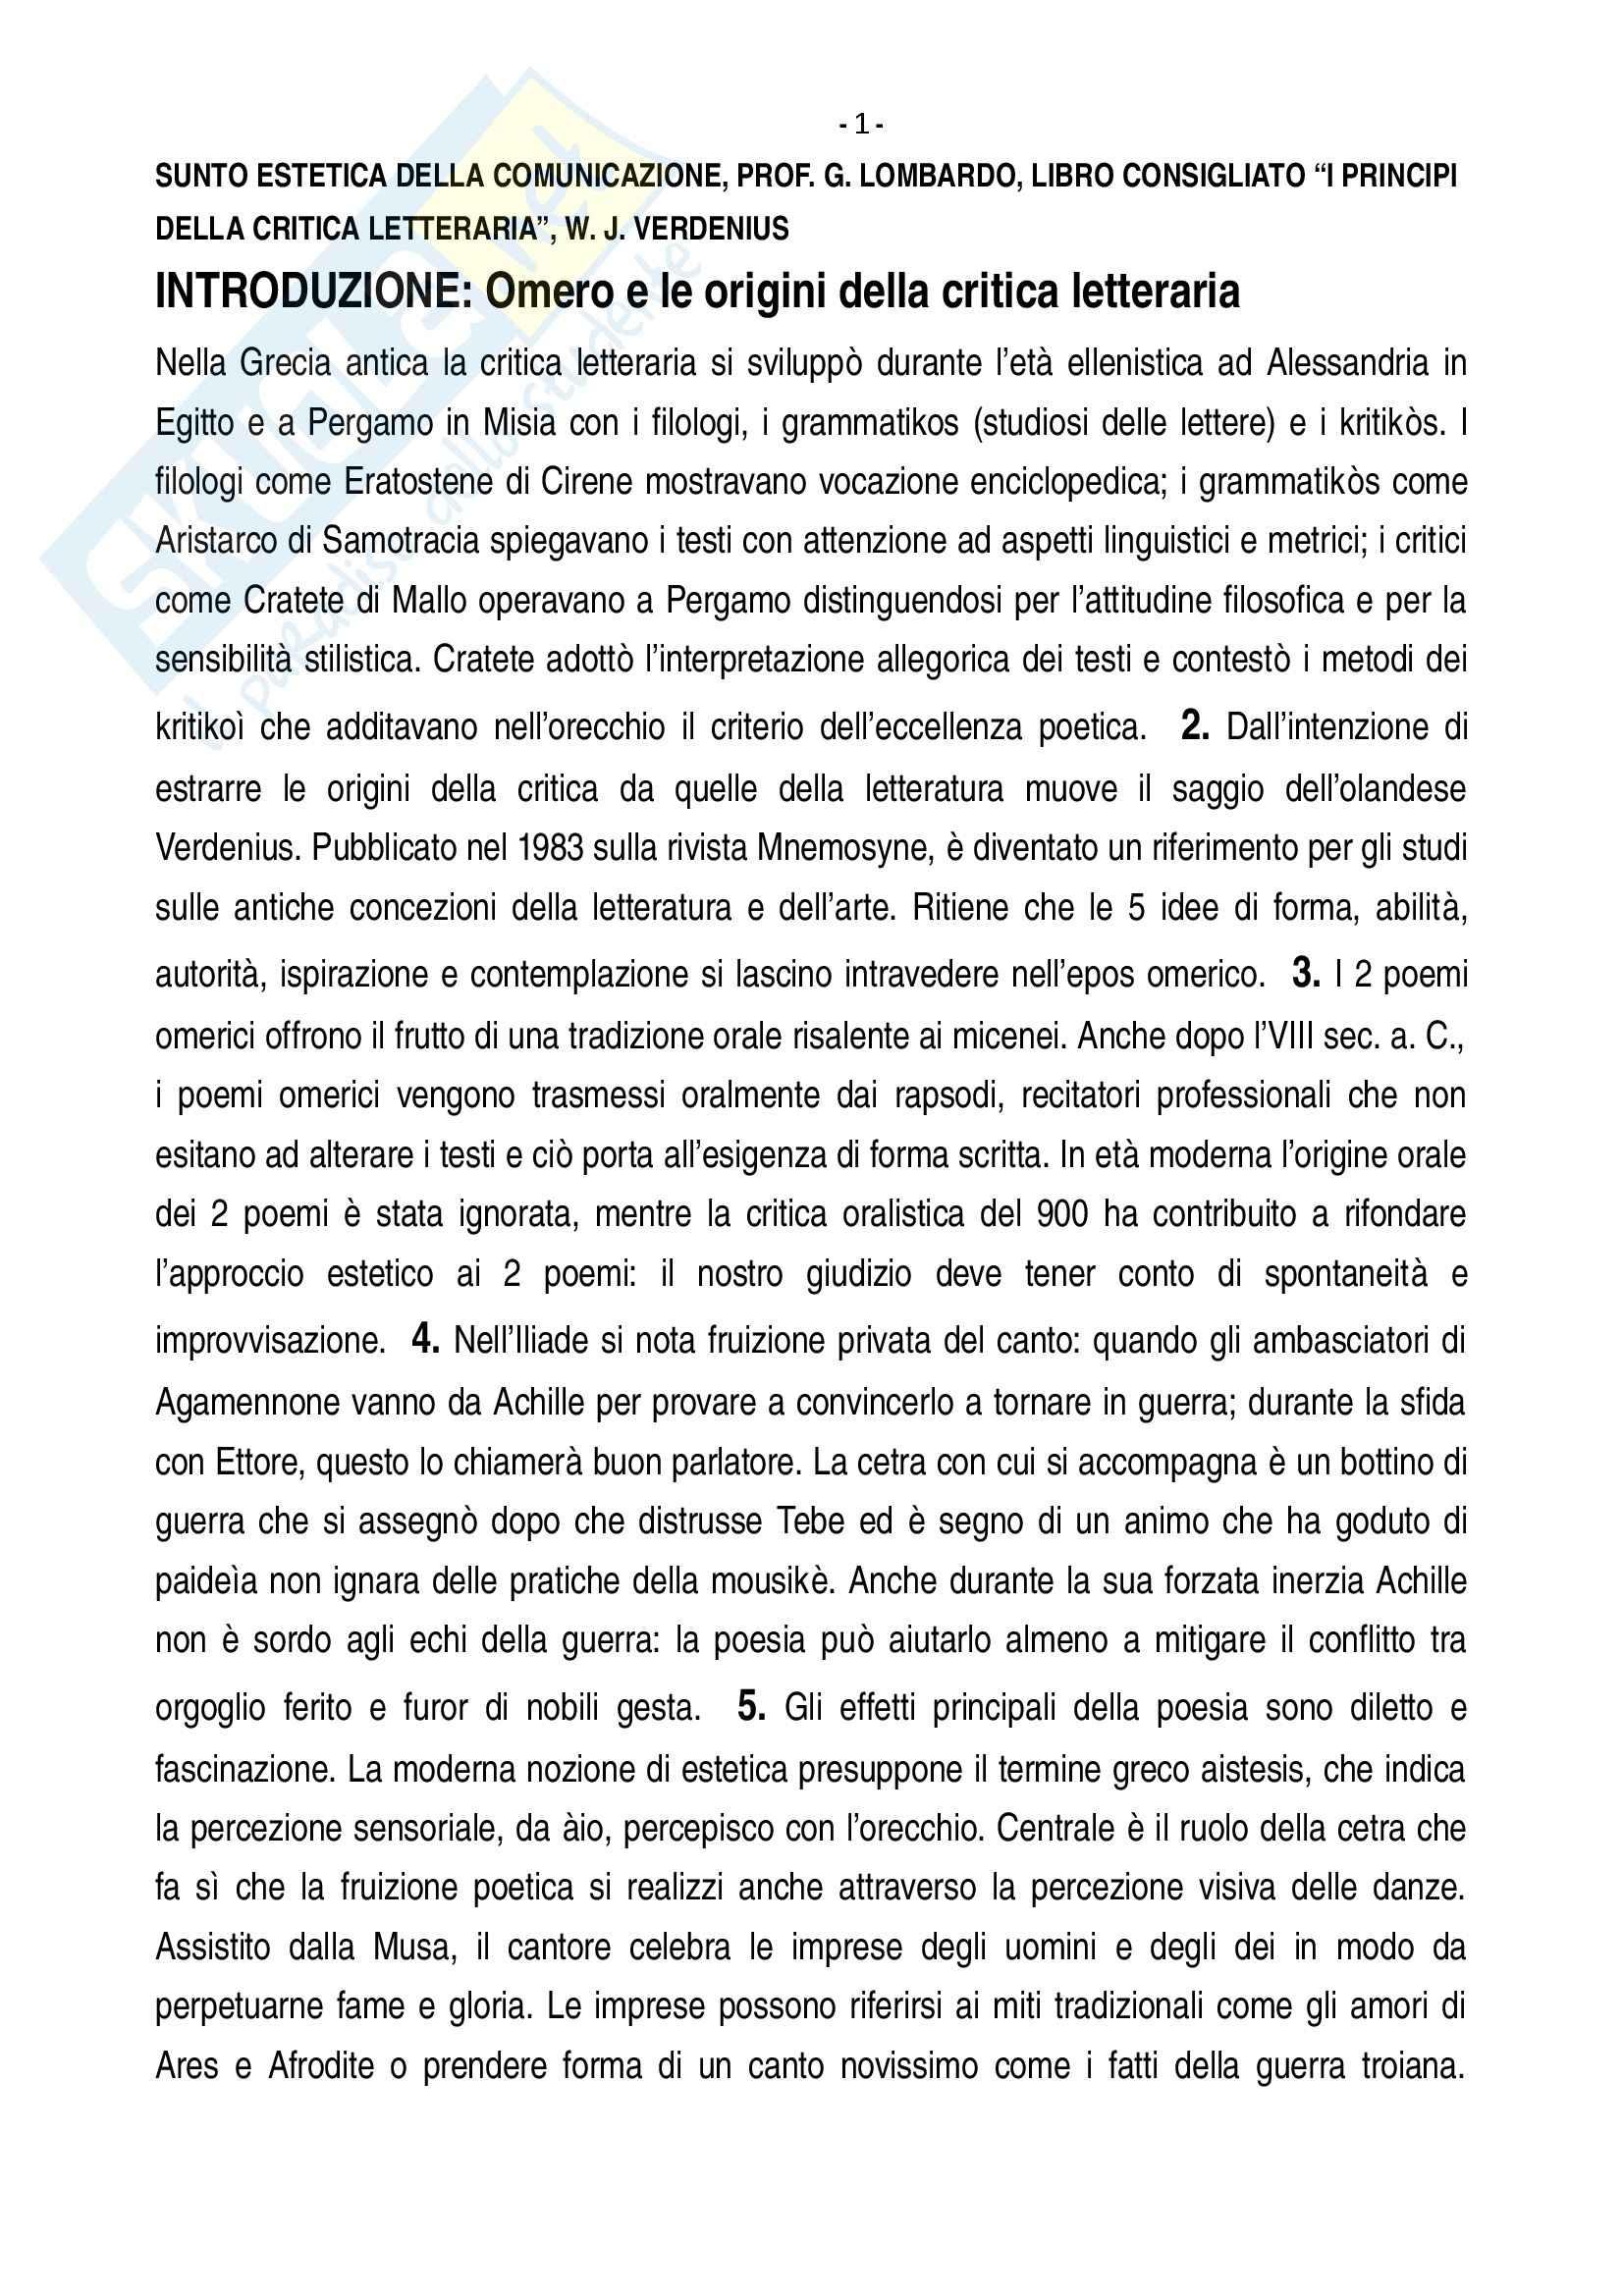 Riassunto esame estetica comunicazione, prof Lombardo, libro consigliato Principi della critica letteraria, Verdenius